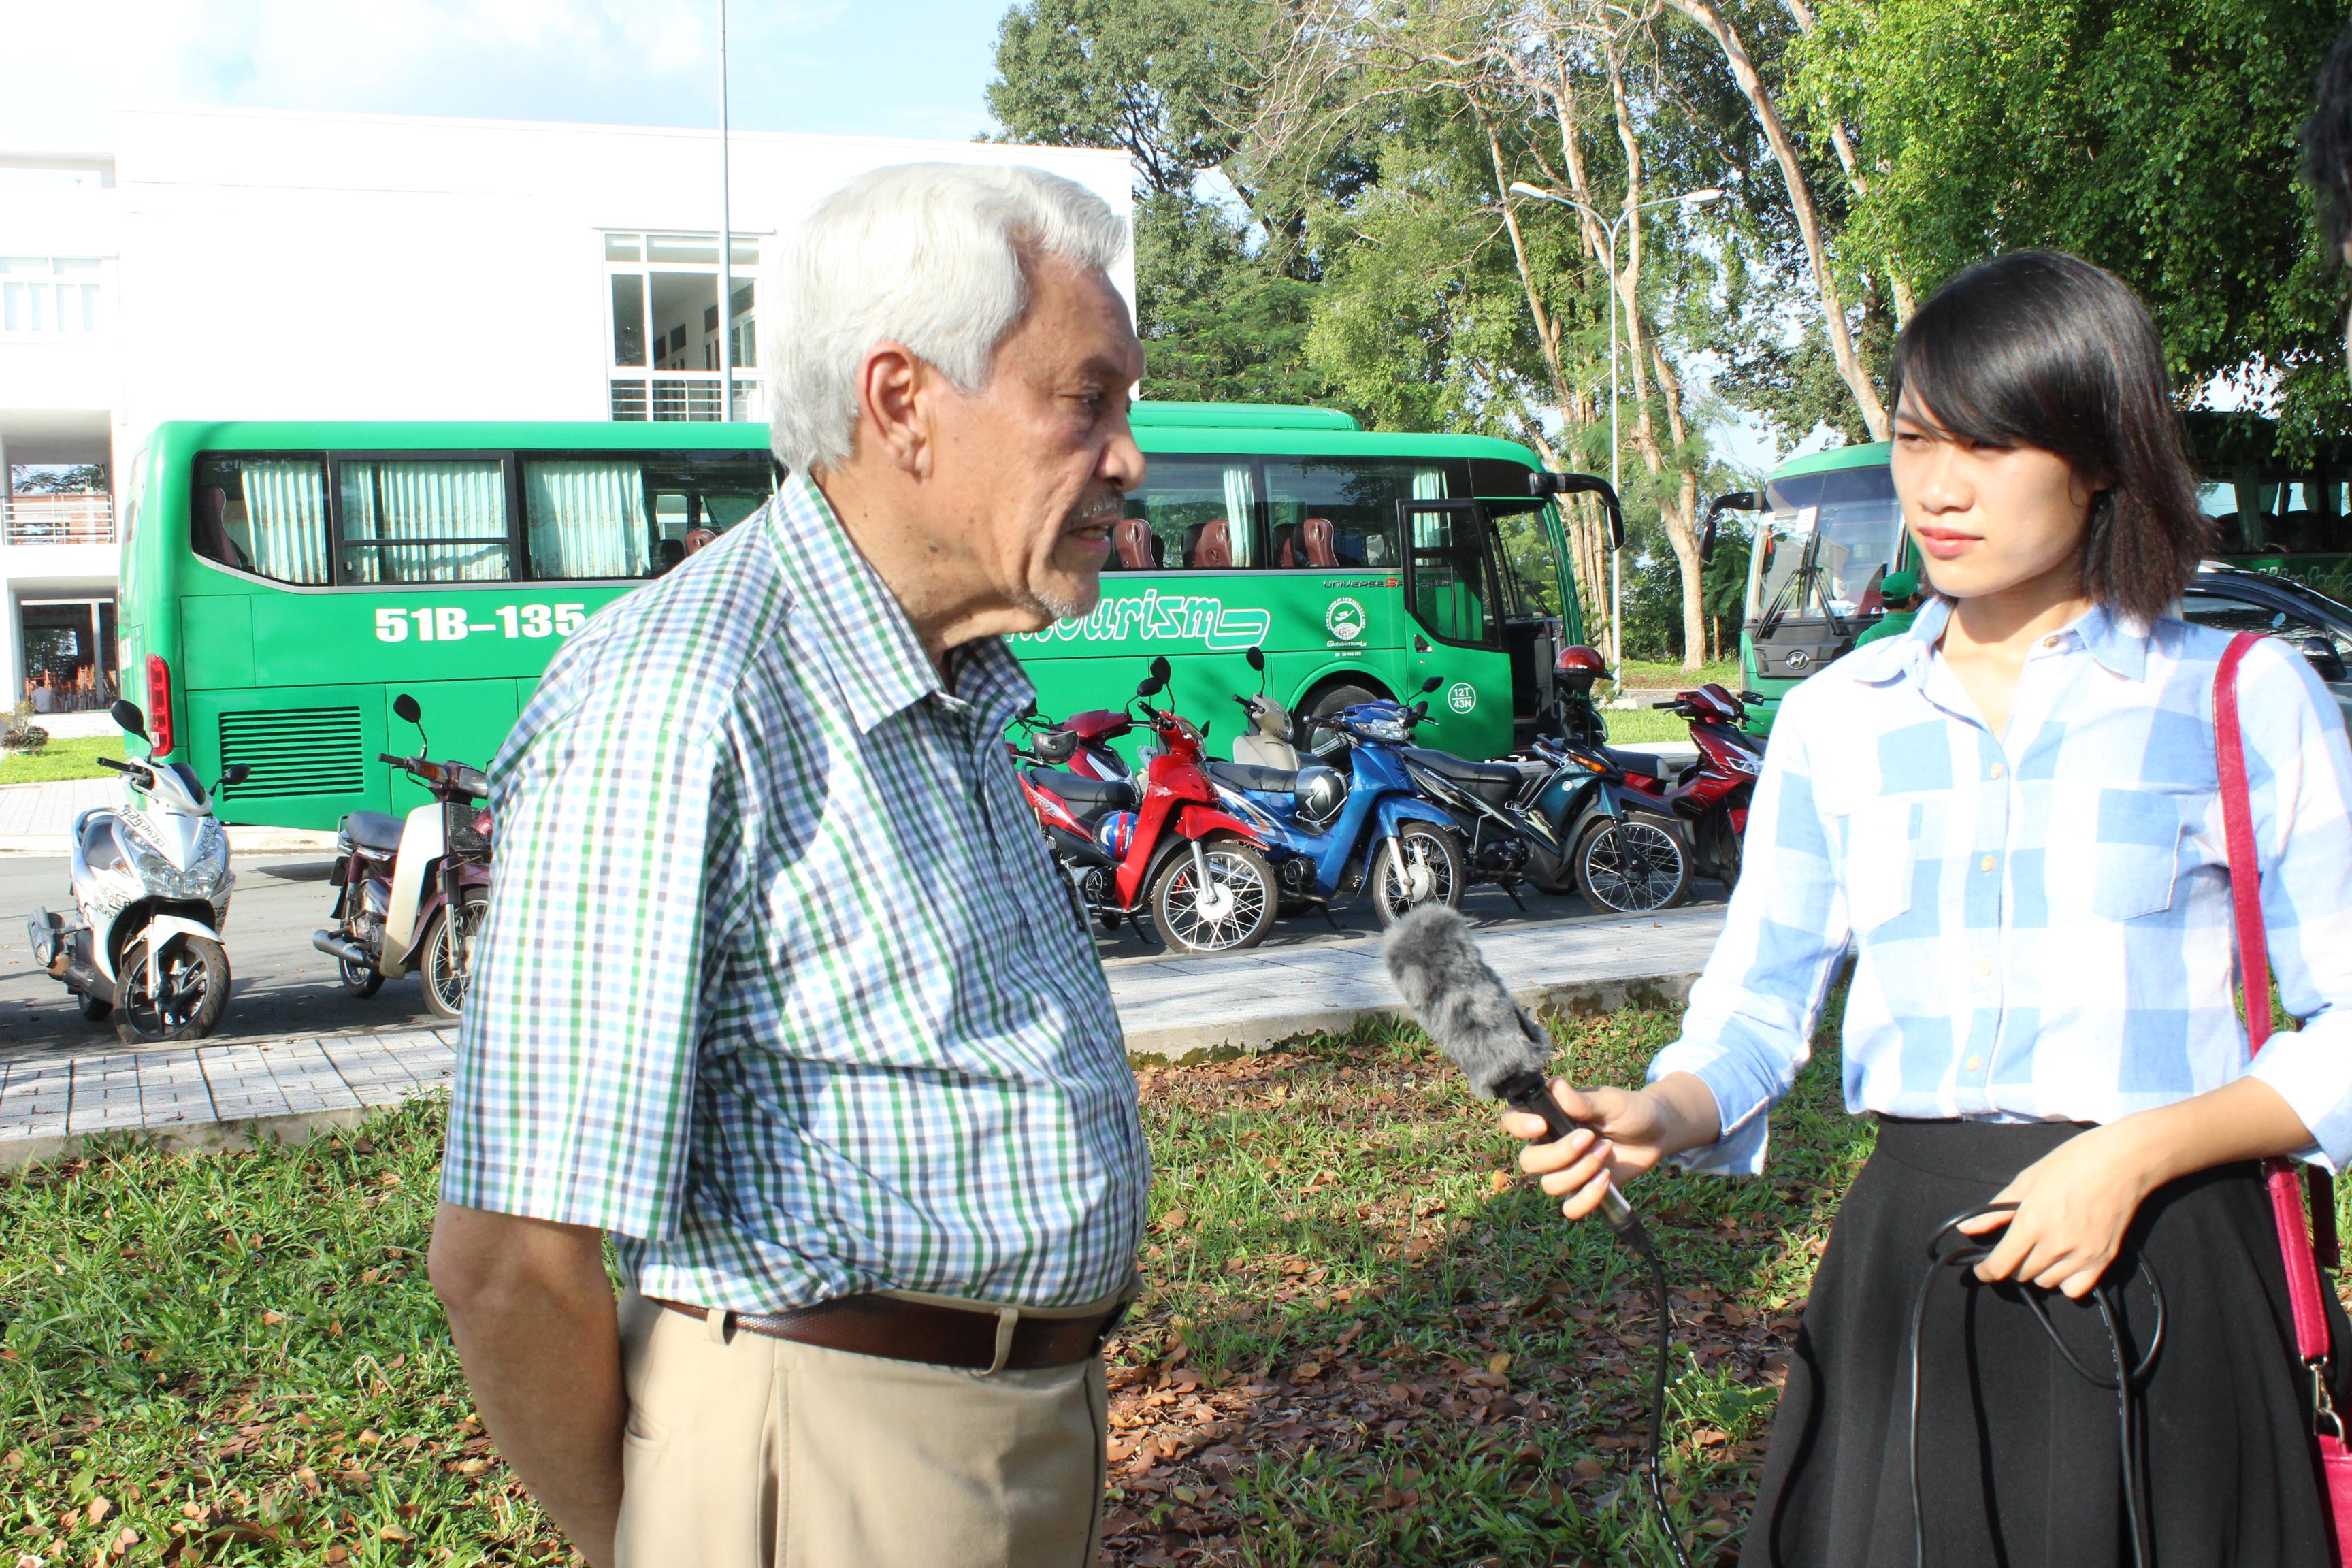 PV Quỳnh Mai phỏng vấn chuyên gia quốc tế về cao su. Ảnh: Phan Thắng